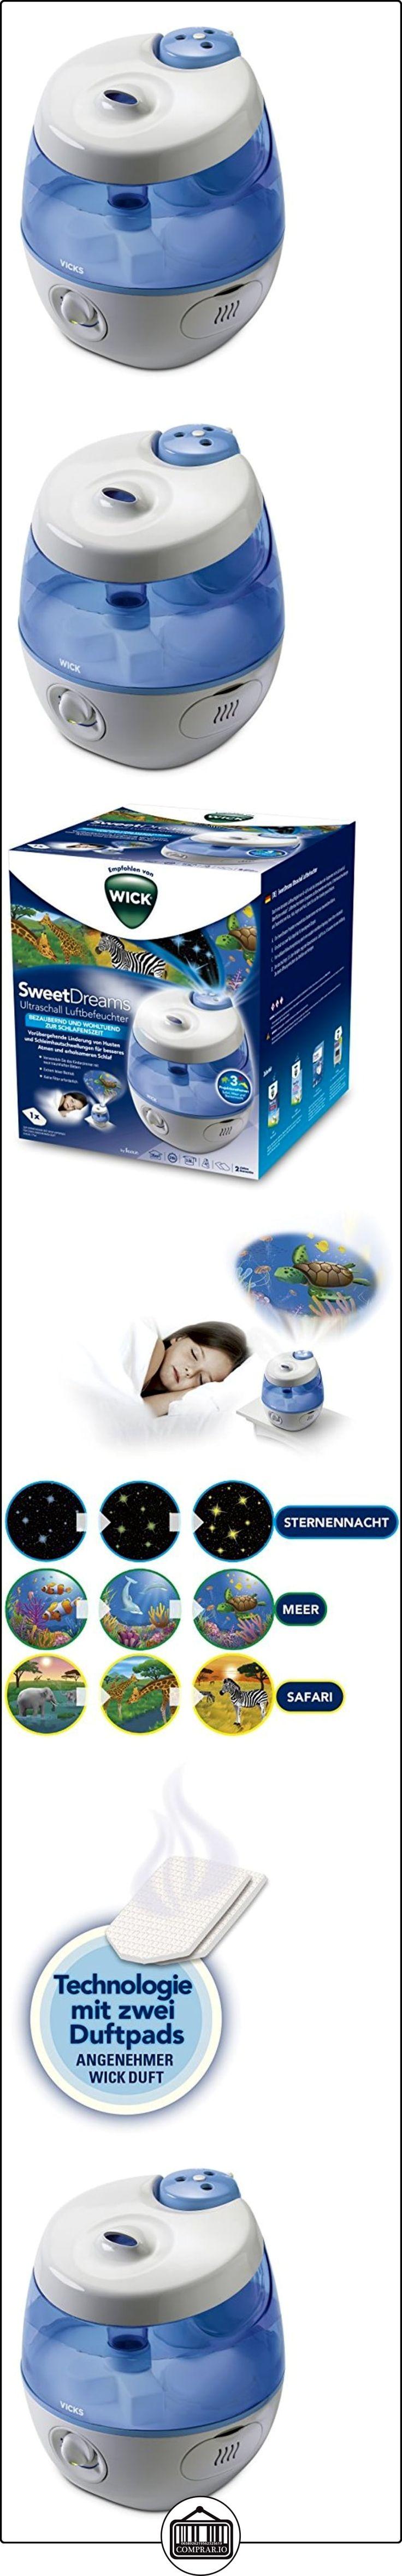 Wick wul575e sweetdreams 2en 1-Humidificador por ultrasonido con proyección de luz  ✿ Seguridad para tu bebé - (Protege a tus hijos) ✿ ▬► Ver oferta: http://comprar.io/goto/B017K3B8PK